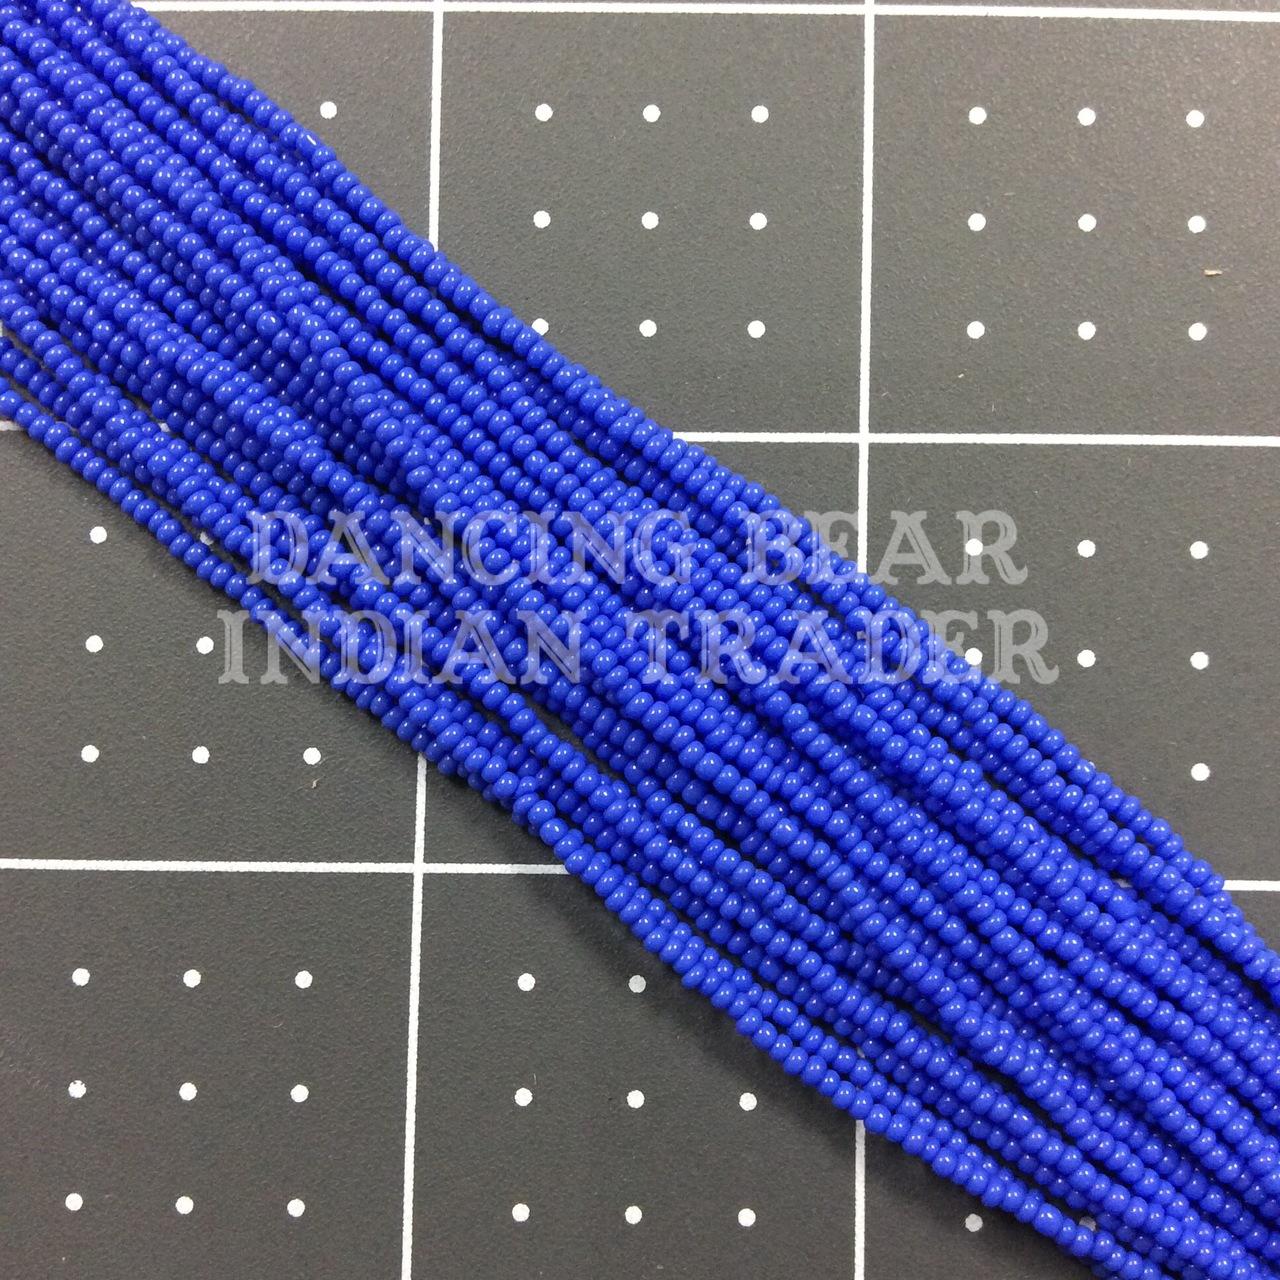 13/0-254OP Periwinkle Blue